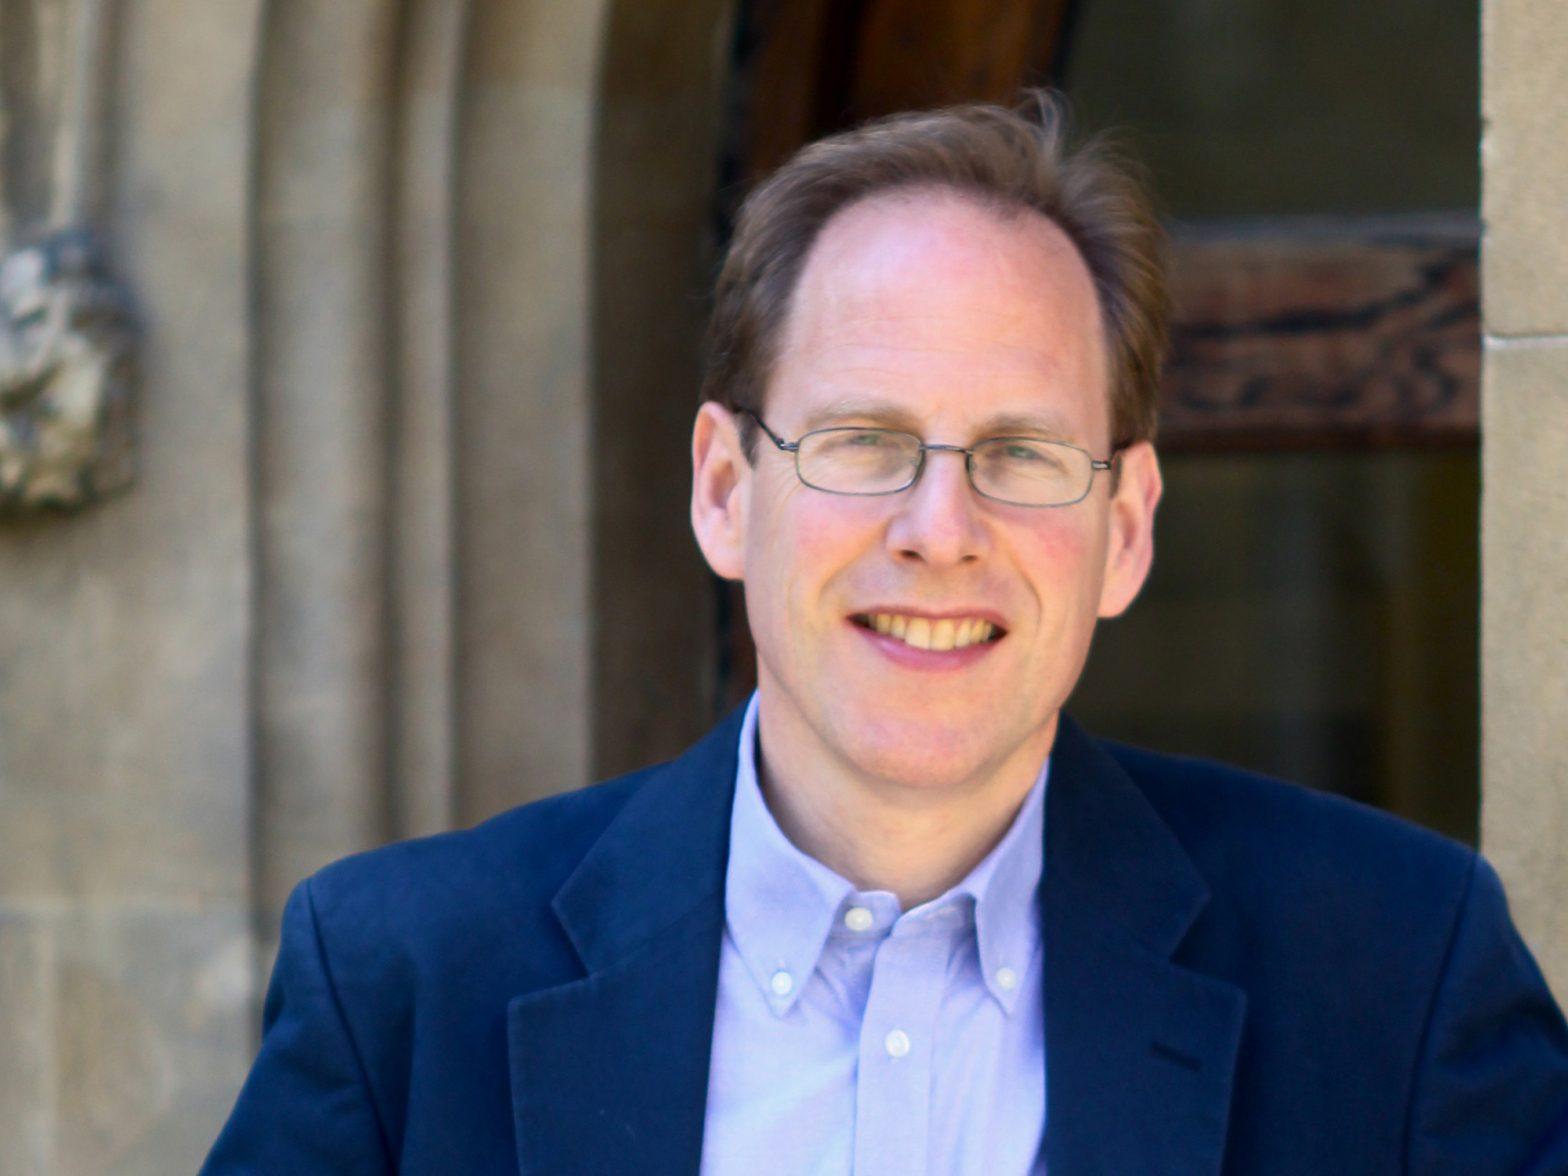 サー・サイモン・バロン=コーエン教授 (Sir Simon Baron-Cohen), ケンブリッジ大学、発達精神病理学科教授、自閉症センター長